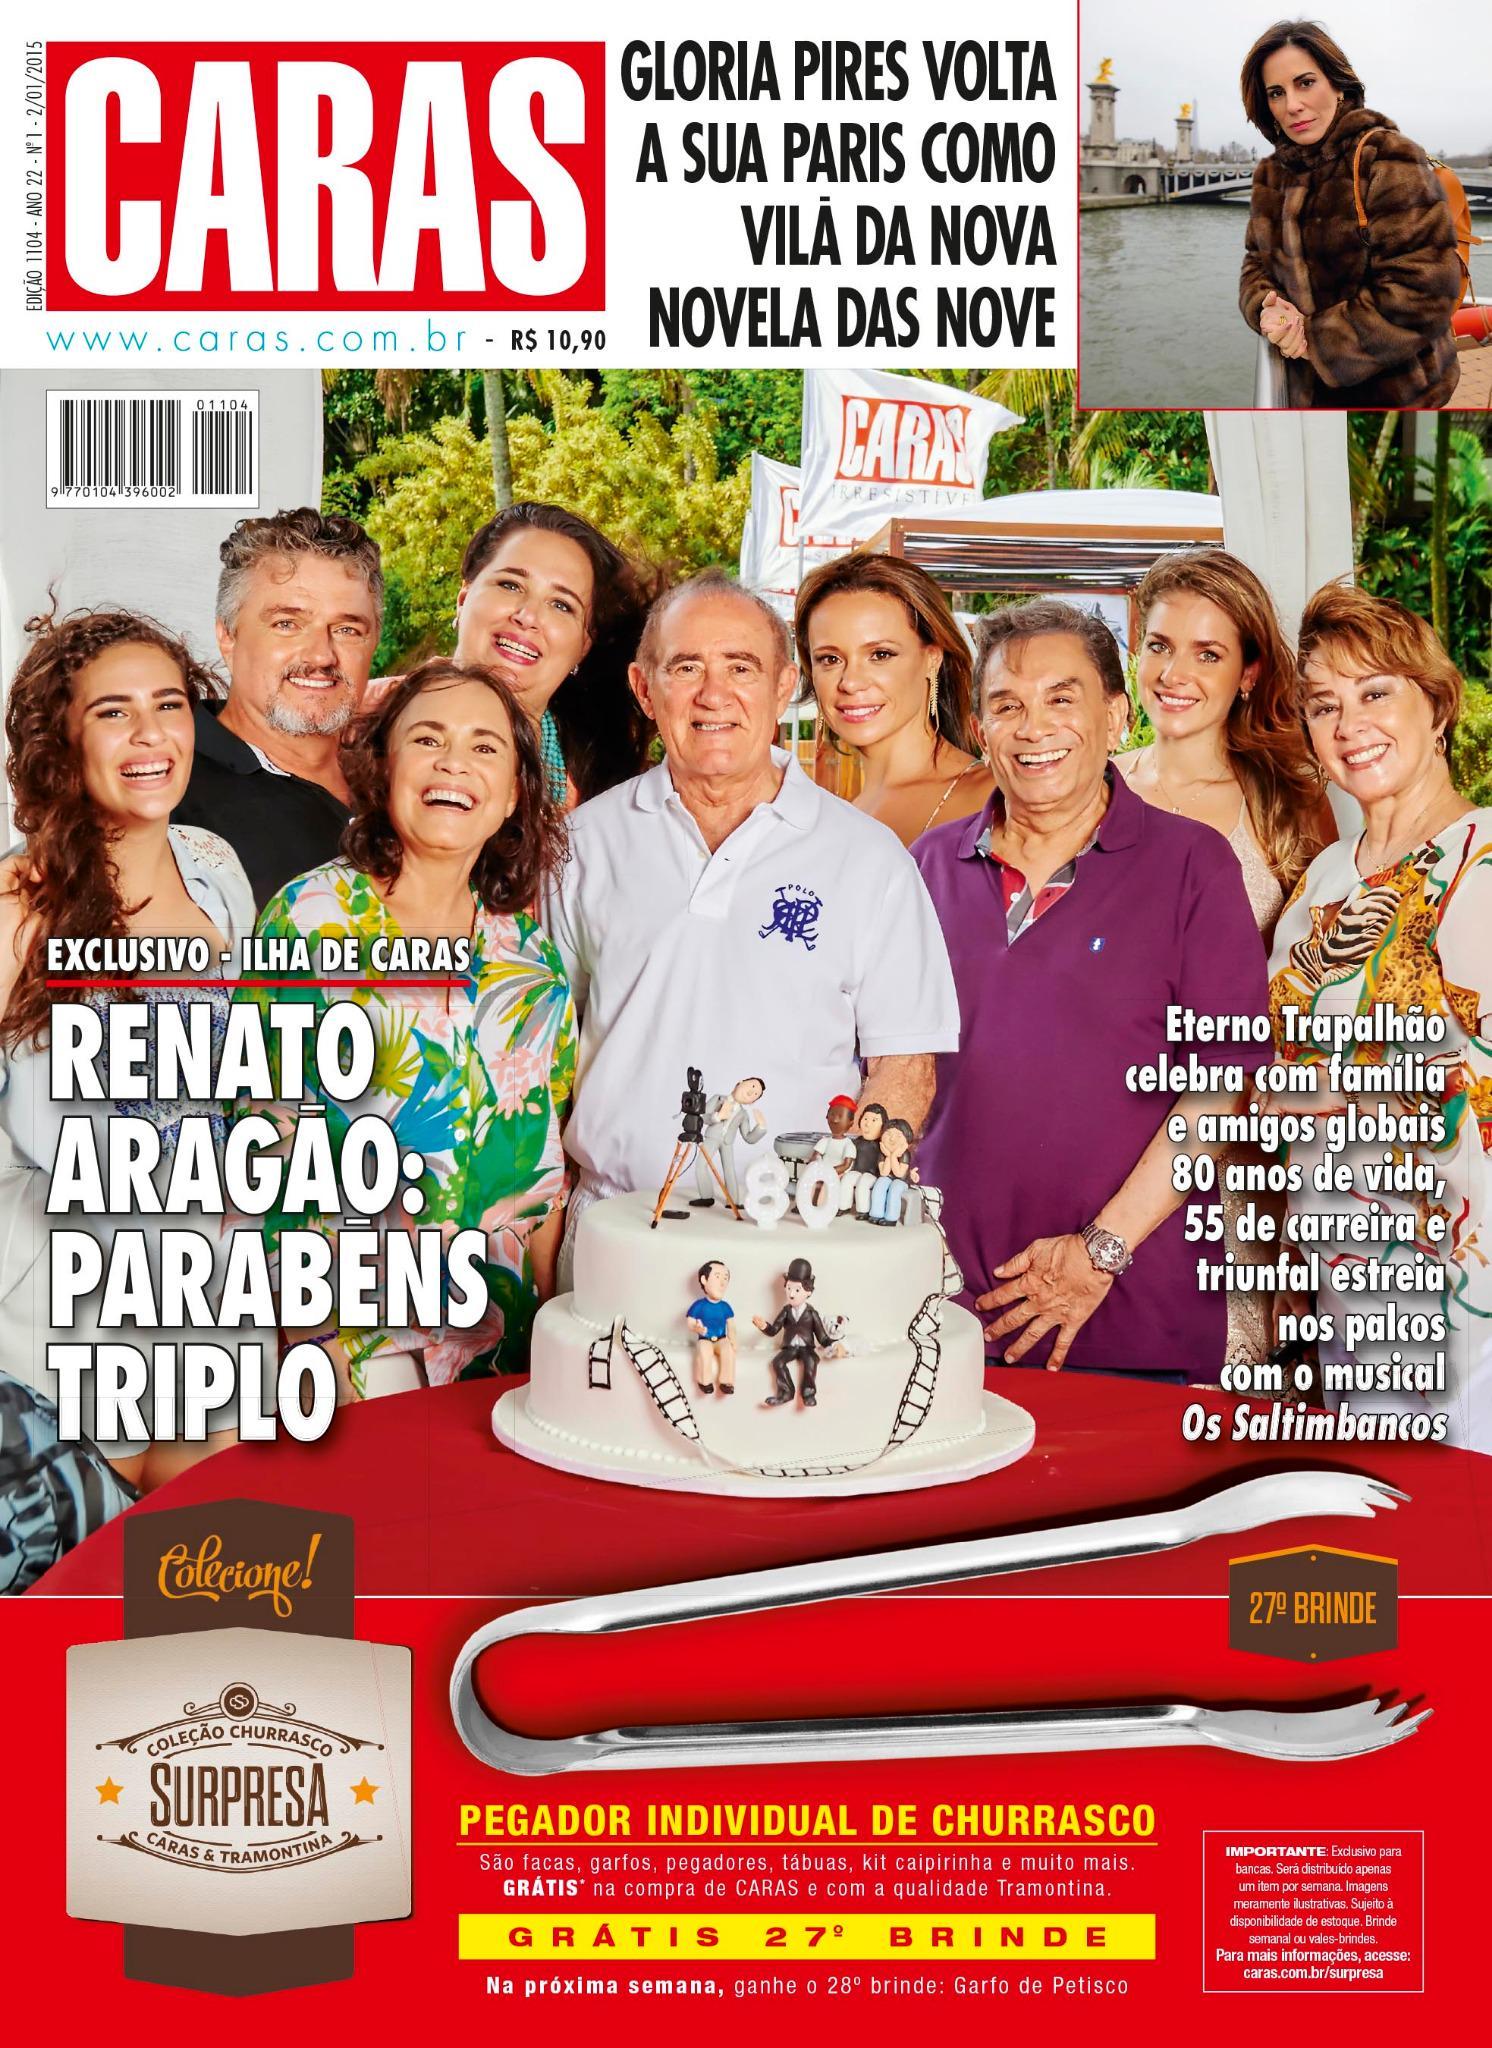 Esta semana na revista CARAS: Renato Aragão celebra 80 anos de vida, 55 de carreira e sucesso nos palcos. http://t.co/Tr3FJbHF7I